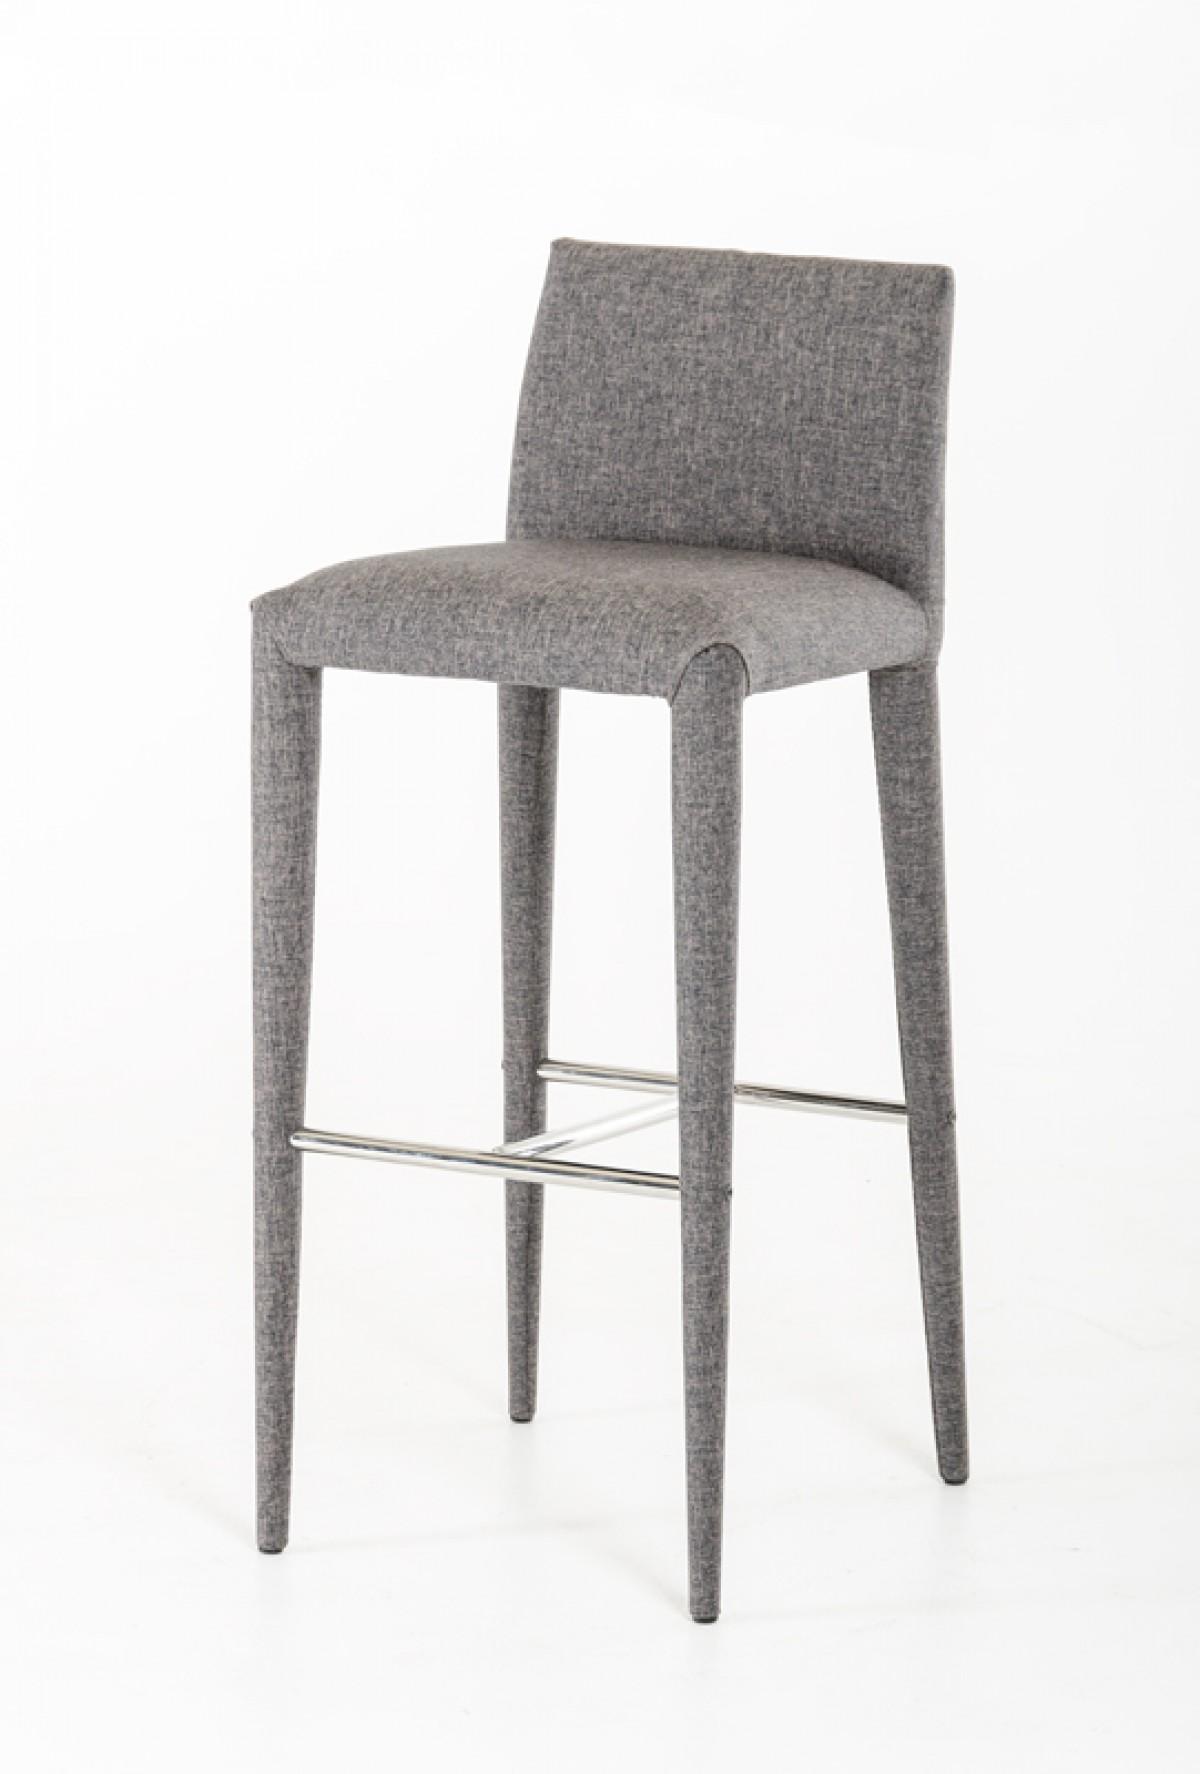 mill gray wool barstool 3